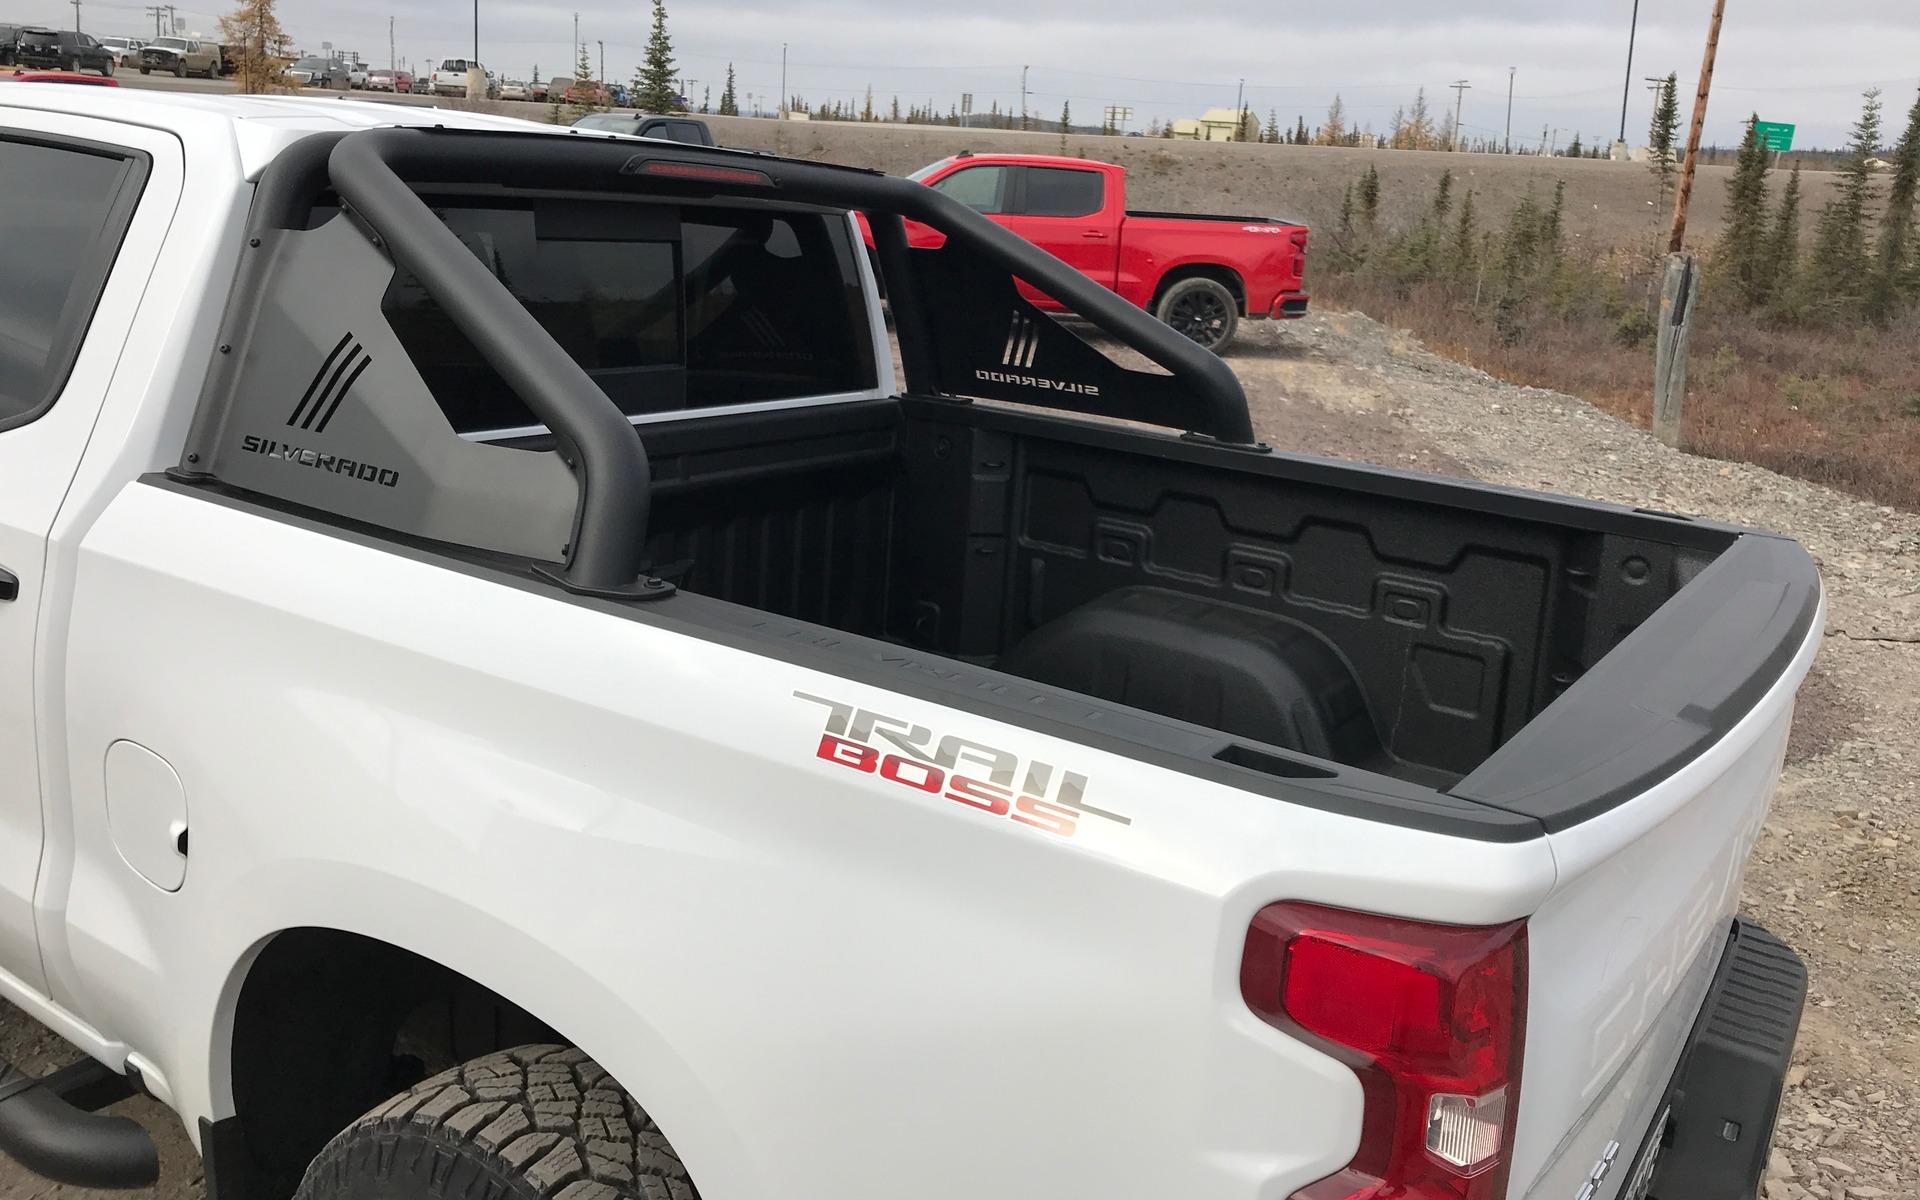 Chevrolet Silverado 2019 : fraîchement remanié pour battre Ford et Ram 348857_2019_Chevrolet_Silverado